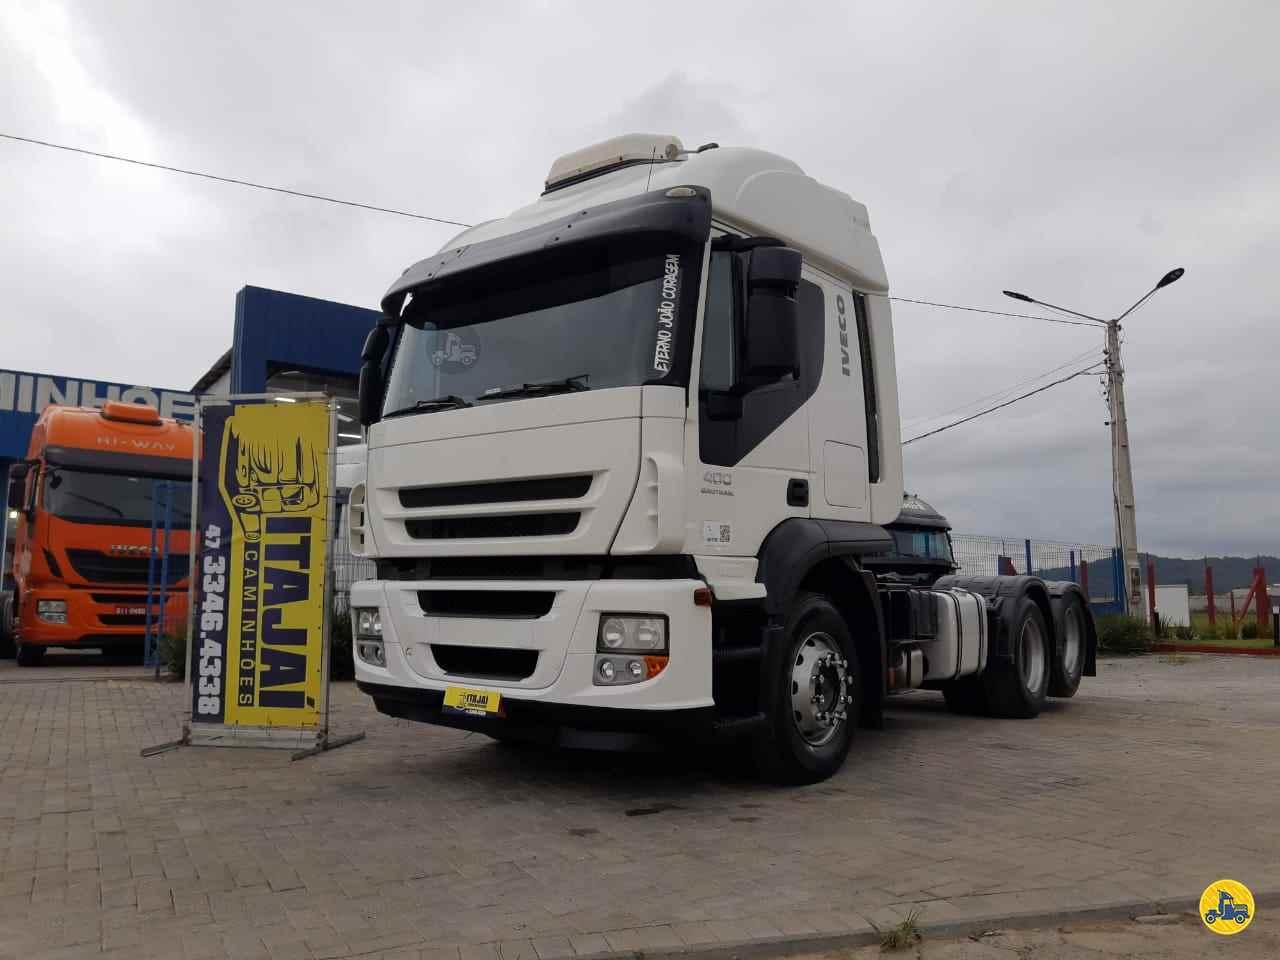 CAMINHAO IVECO STRALIS 400 Cavalo Mecânico Truck 6x2 Itajai Caminhões NAVEGANTES SANTA CATARINA SC